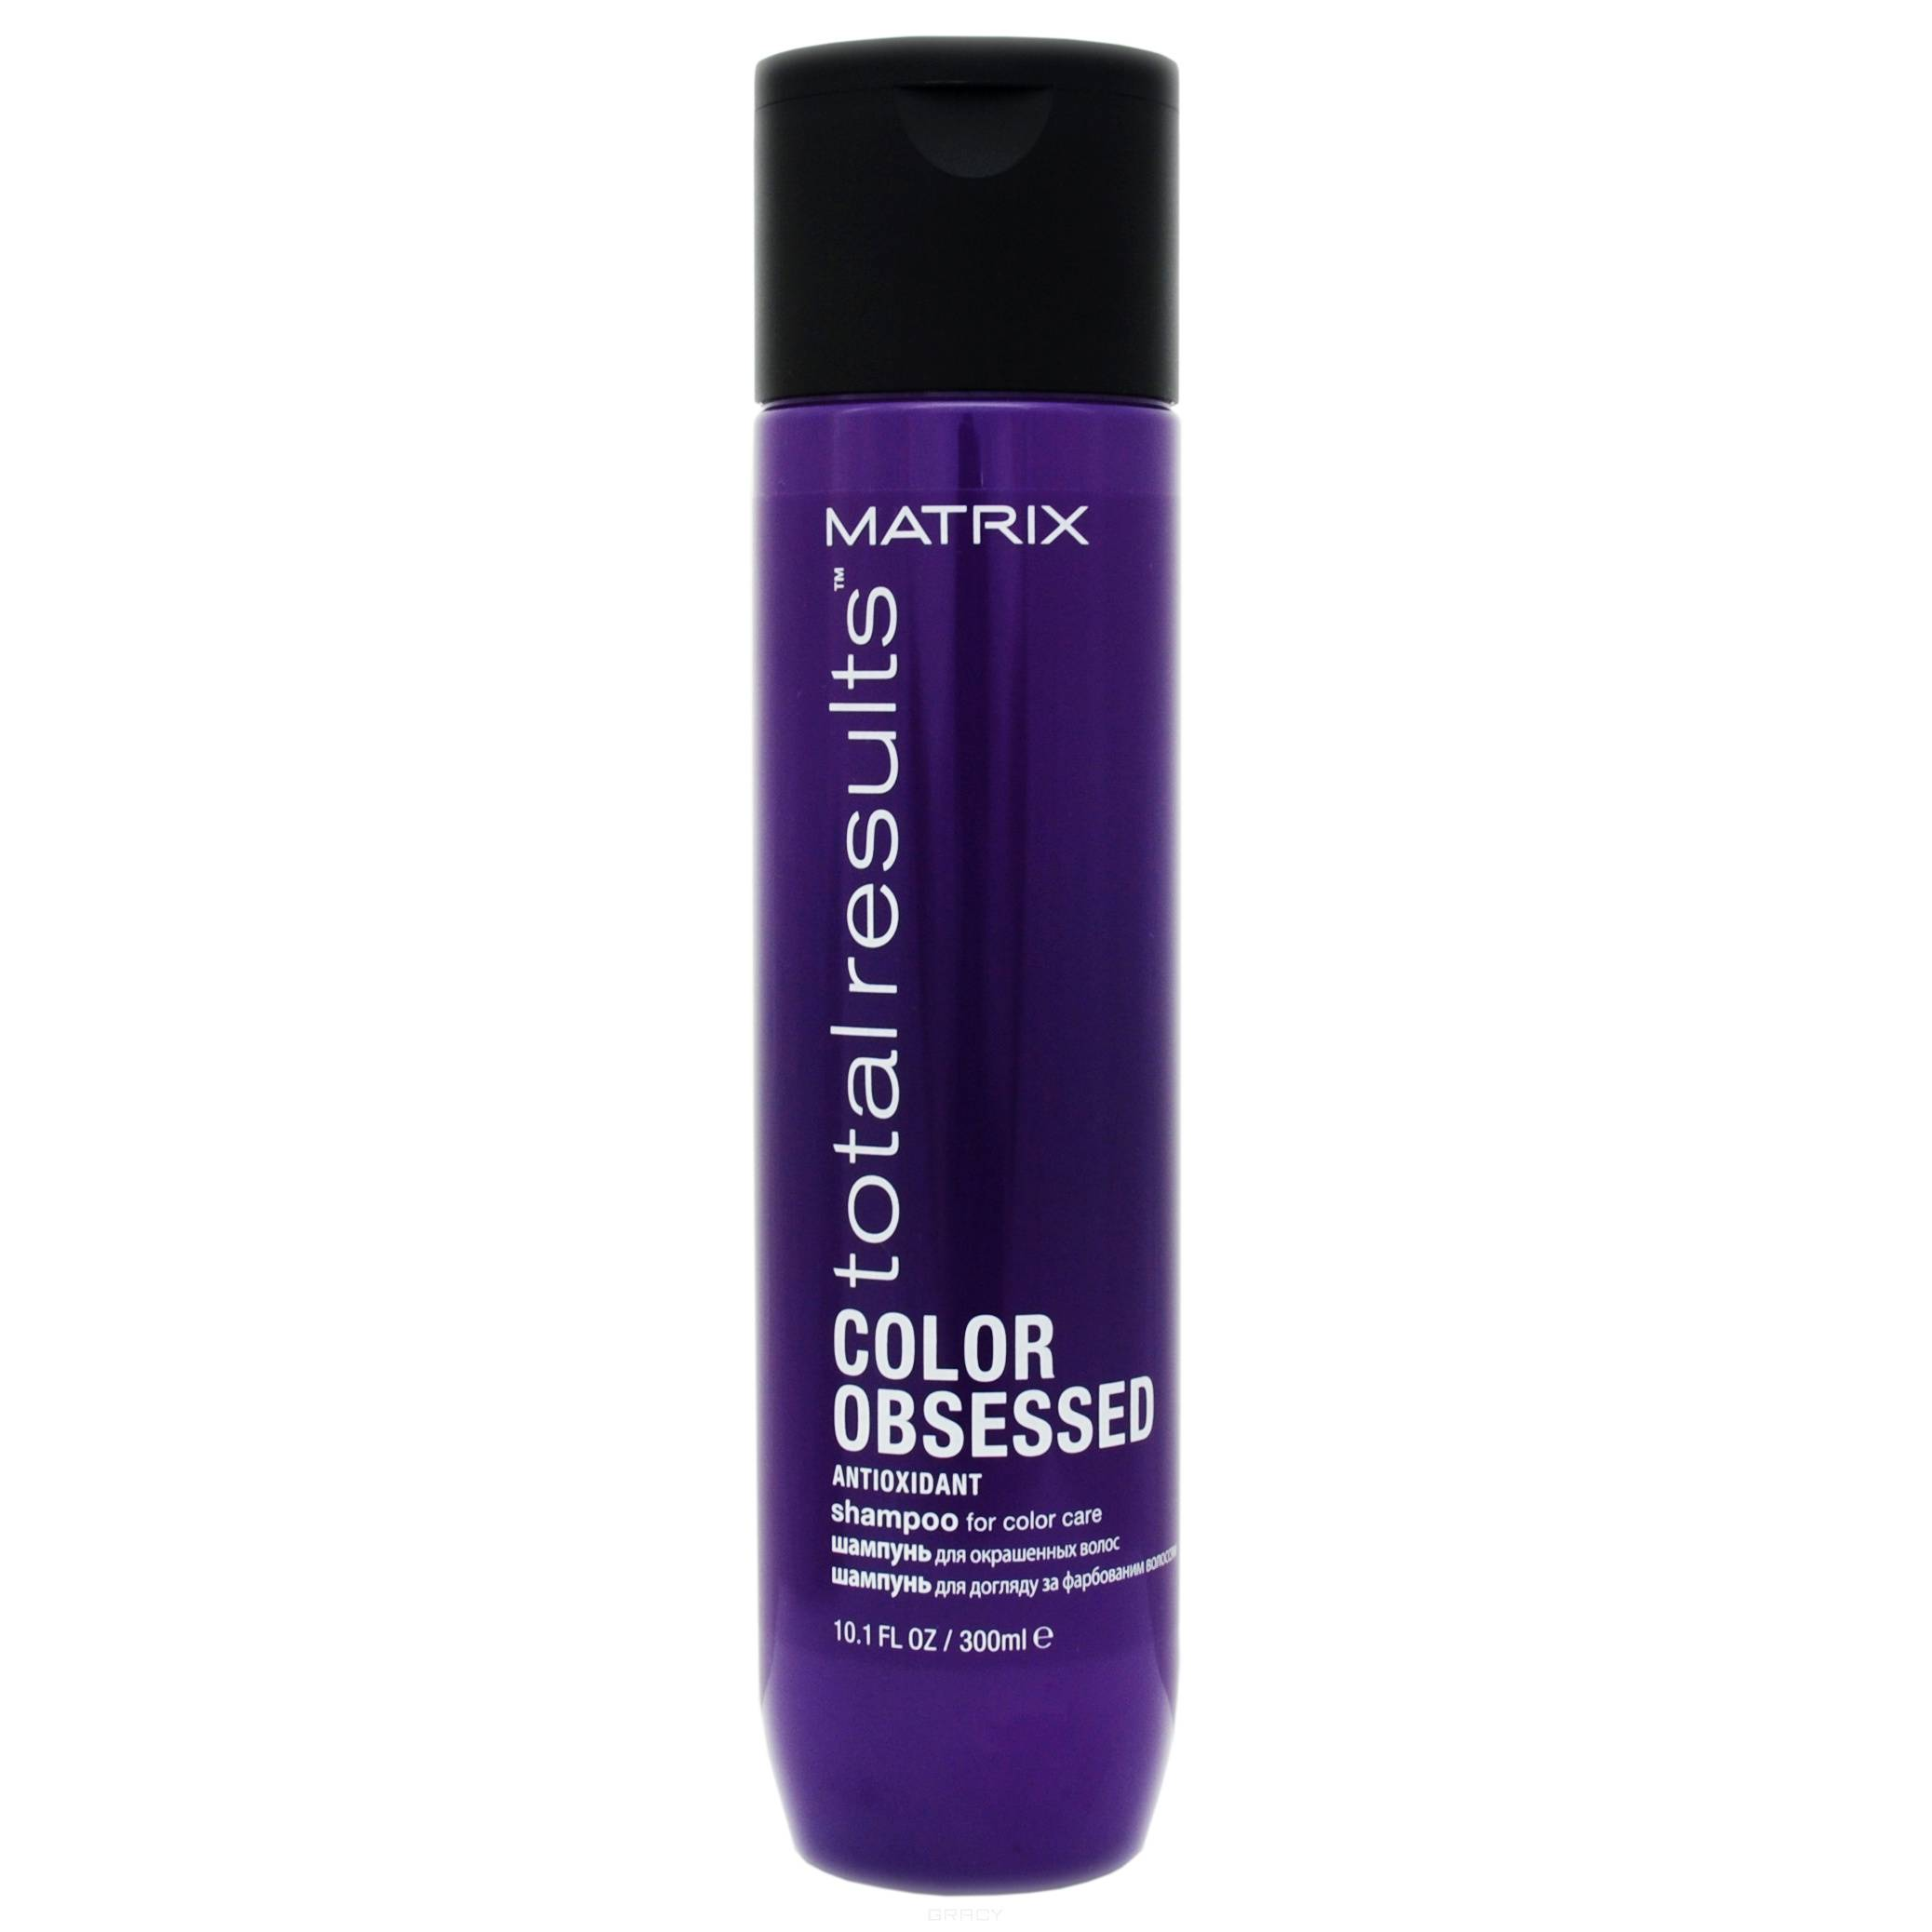 Набор дуопак шампунь + масло для окрашенных волос Color Obsessed Shampoo + Oil Wonders (- 50% на масло), 300 мл +125 мл шампунь дав для окрашенных волос